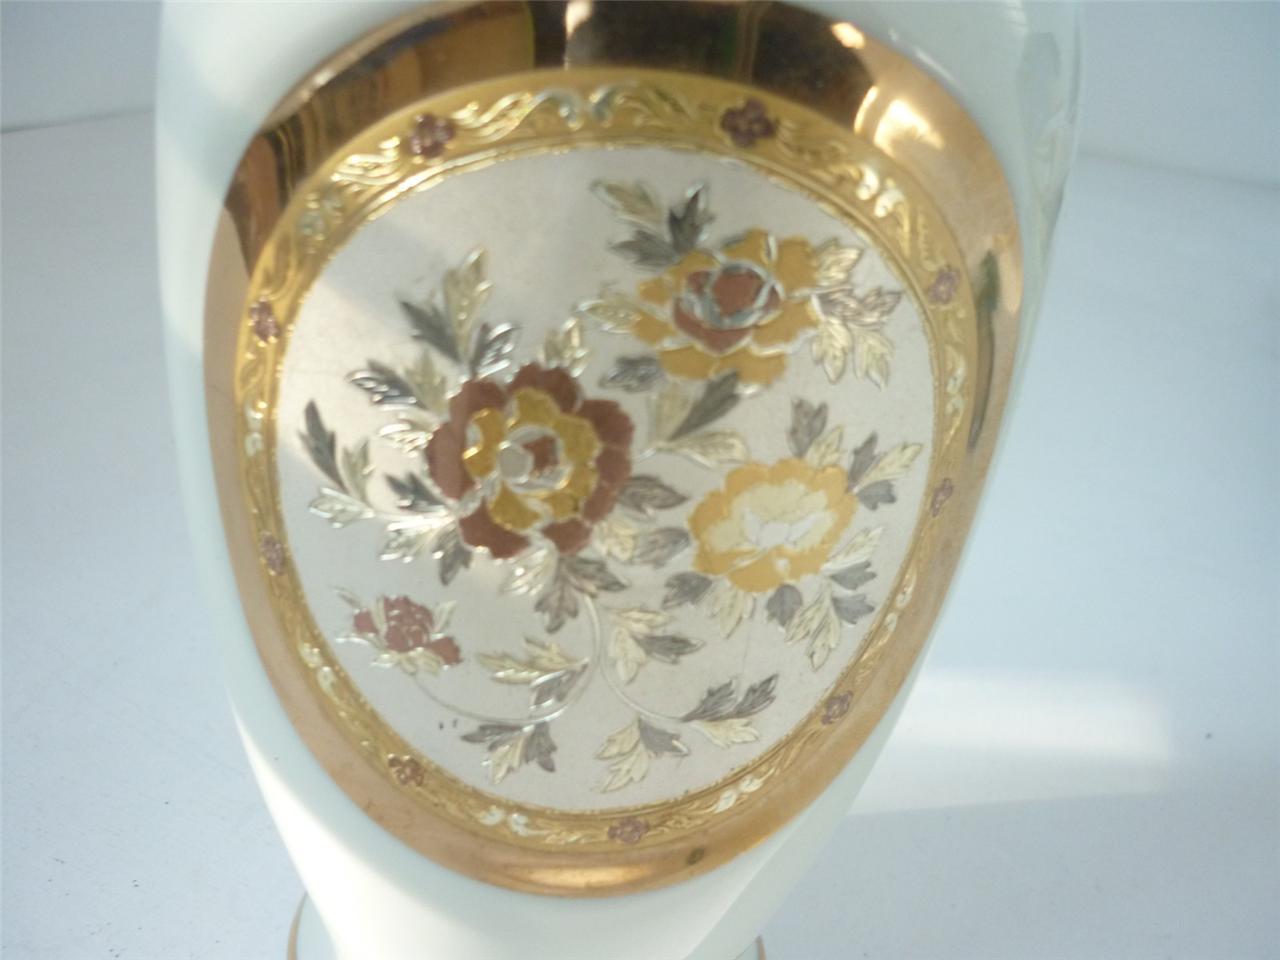 Vintage deco decorative art vase japanese chokin porcelain for Homewares decorative items